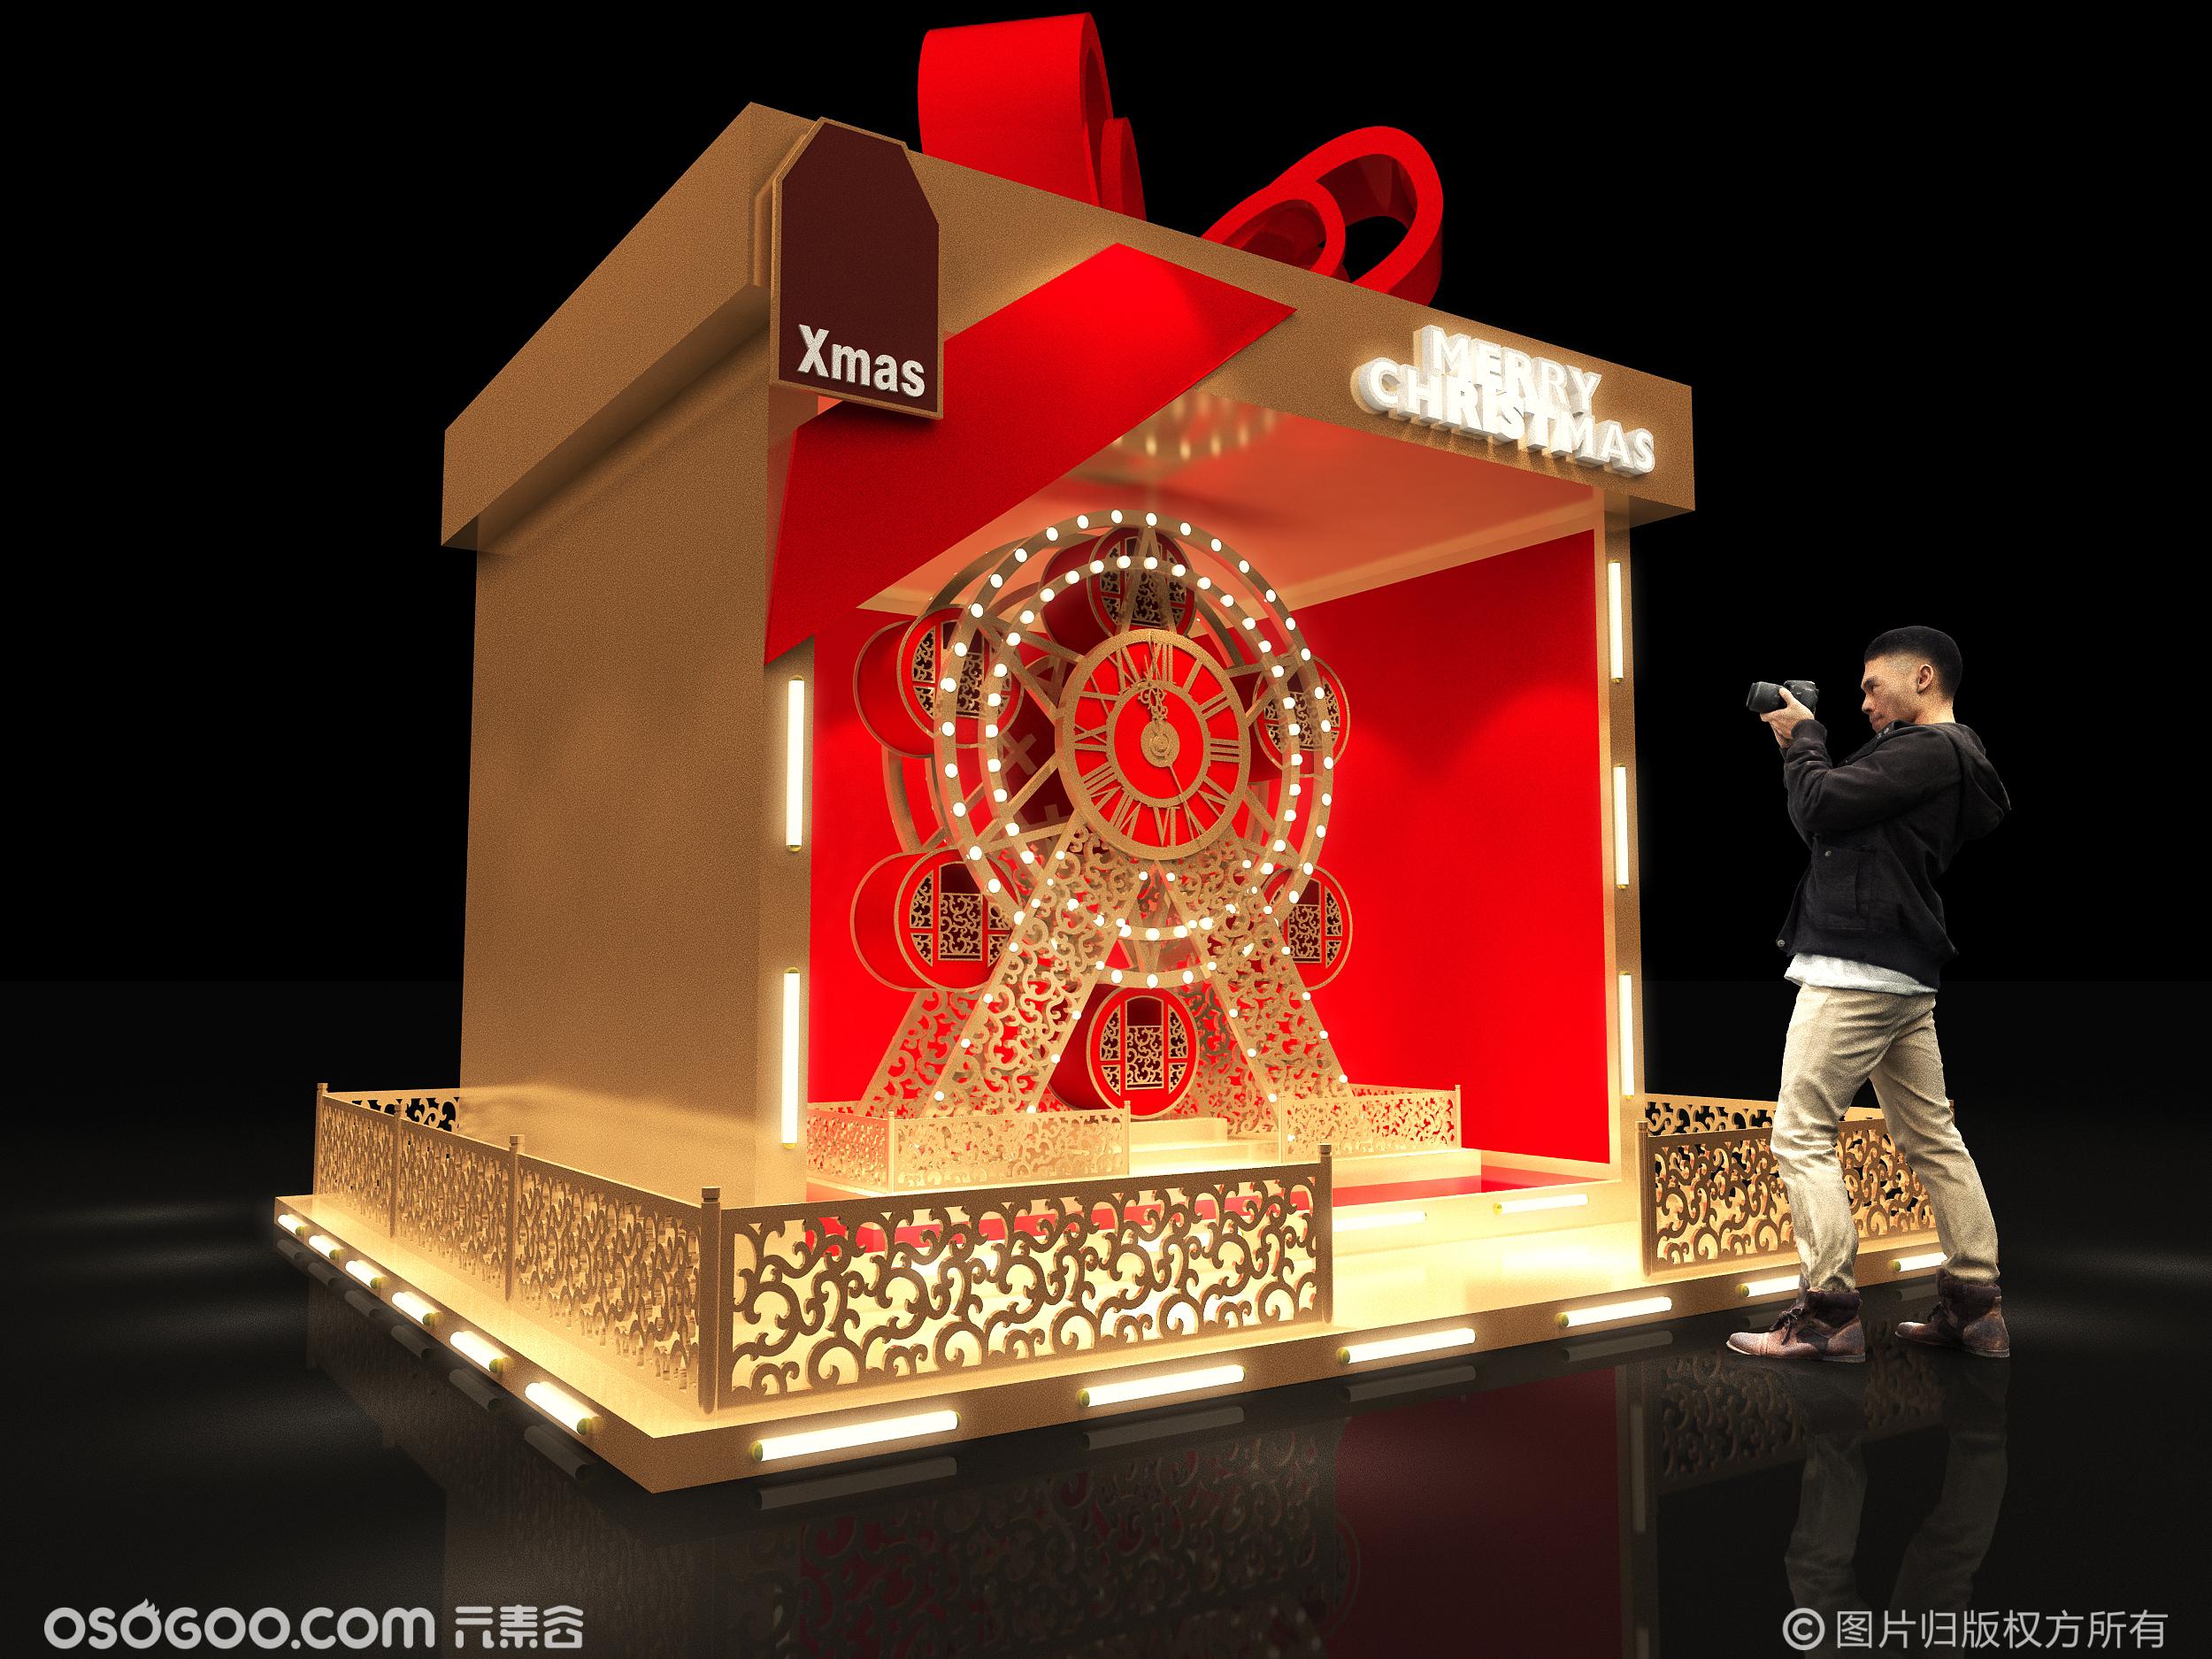 3D设计打卡点效果图▪商场圣诞节礼盒美陈拍照打卡装置